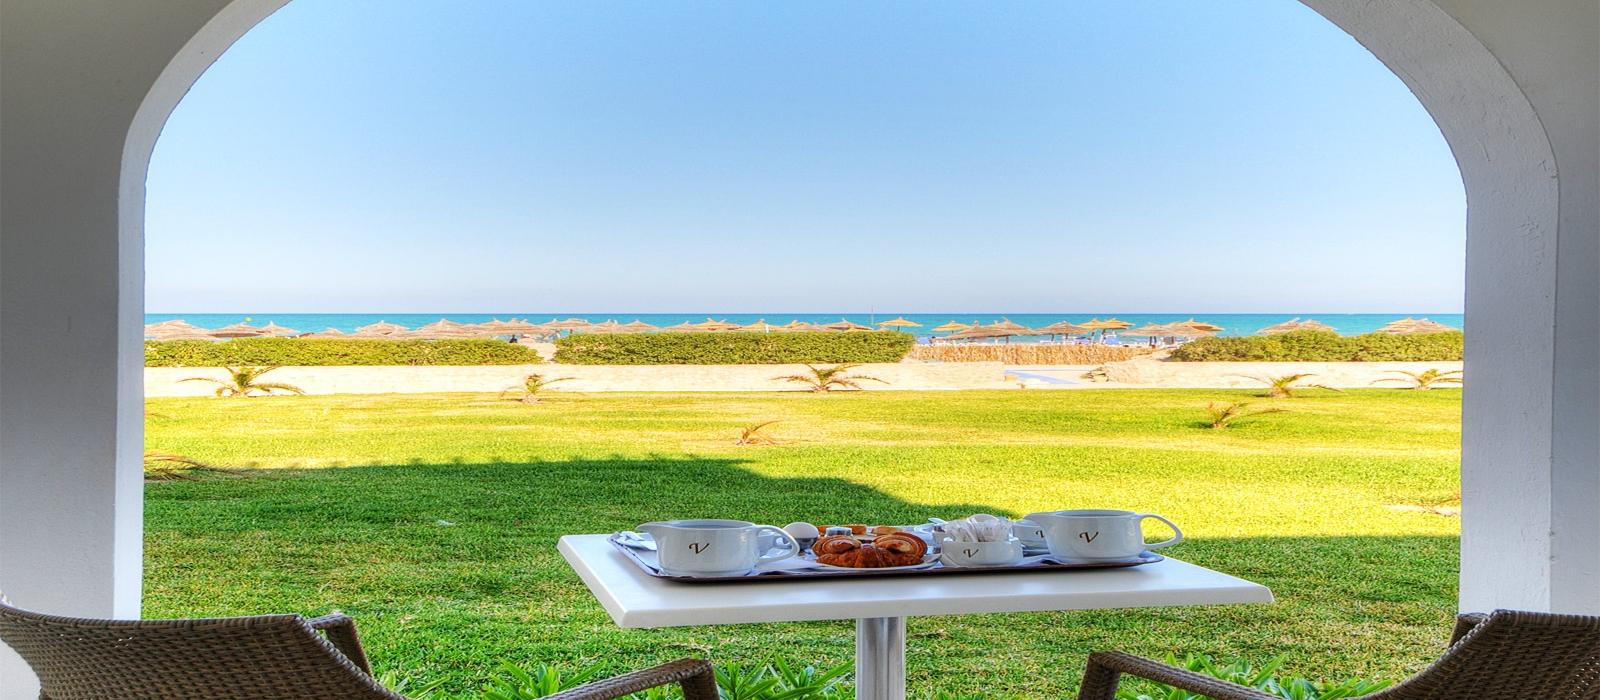 Rooms Hotel Vincci Djerba Hélios Beach - Family Room Sea View